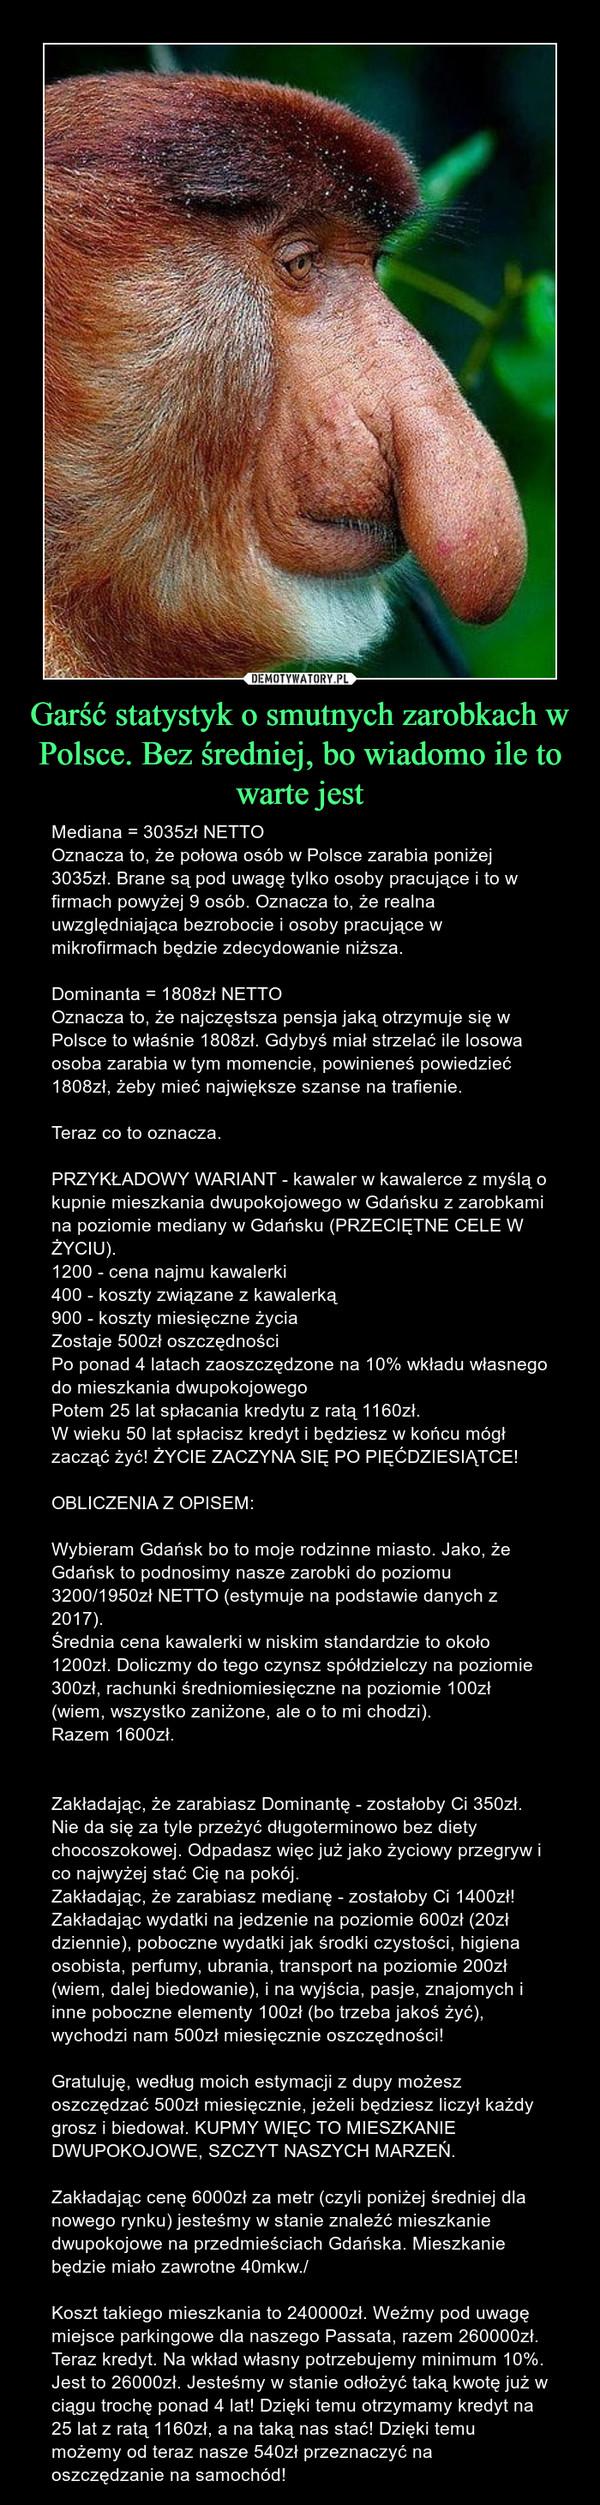 Garść statystyk o smutnych zarobkach w Polsce. Bez średniej, bo wiadomo ile to warte jest – Mediana = 3035zł NETTOOznacza to, że połowa osób w Polsce zarabia poniżej 3035zł. Brane są pod uwagę tylko osoby pracujące i to w firmach powyżej 9 osób. Oznacza to, że realna uwzględniająca bezrobocie i osoby pracujące w mikrofirmach będzie zdecydowanie niższa. Dominanta = 1808zł NETTOOznacza to, że najczęstsza pensja jaką otrzymuje się w Polsce to właśnie 1808zł. Gdybyś miał strzelać ile losowa osoba zarabia w tym momencie, powinieneś powiedzieć 1808zł, żeby mieć największe szanse na trafienie.Teraz co to oznacza.PRZYKŁADOWY WARIANT - kawaler w kawalerce z myślą o kupnie mieszkania dwupokojowego w Gdańsku z zarobkami na poziomie mediany w Gdańsku (PRZECIĘTNE CELE W ŻYCIU).1200 - cena najmu kawalerki400 - koszty związane z kawalerką900 - koszty miesięczne życiaZostaje 500zł oszczędnościPo ponad 4 latach zaoszczędzone na 10% wkładu własnego do mieszkania dwupokojowegoPotem 25 lat spłacania kredytu z ratą 1160zł.W wieku 50 lat spłacisz kredyt i będziesz w końcu mógł zacząć żyć! ŻYCIE ZACZYNA SIĘ PO PIĘĆDZIESIĄTCE!OBLICZENIA Z OPISEM:Wybieram Gdańsk bo to moje rodzinne miasto. Jako, że Gdańsk to podnosimy nasze zarobki do poziomu 3200/1950zł NETTO (estymuje na podstawie danych z 2017).Średnia cena kawalerki w niskim standardzie to około 1200zł. Doliczmy do tego czynsz spółdzielczy na poziomie 300zł, rachunki średniomiesięczne na poziomie 100zł (wiem, wszystko zaniżone, ale o to mi chodzi).Razem 1600zł.Zakładając, że zarabiasz Dominantę - zostałoby Ci 350zł. Nie da się za tyle przeżyć długoterminowo bez diety chocoszokowej. Odpadasz więc już jako życiowy przegryw i co najwyżej stać Cię na pokój.Zakładając, że zarabiasz medianę - zostałoby Ci 1400zł! Zakładając wydatki na jedzenie na poziomie 600zł (20zł dziennie), poboczne wydatki jak środki czystości, higiena osobista, perfumy, ubrania, transport na poziomie 200zł (wiem, dalej biedowanie), i na wyjścia, pasje, znajomych i inne 